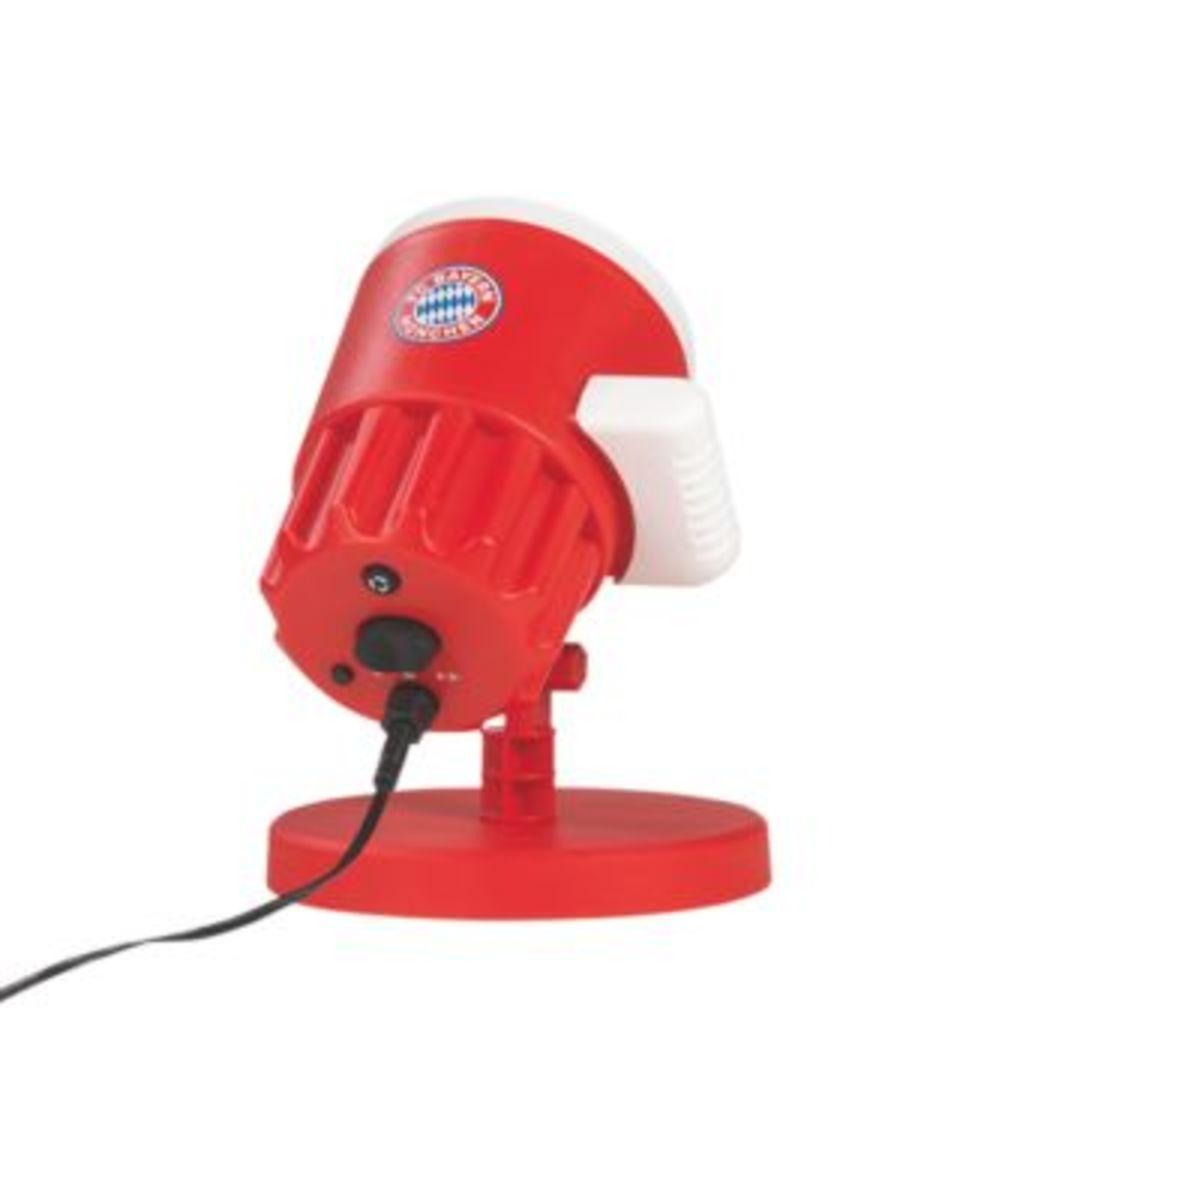 Bild 4 von FCB LED-Motivstrahler 7,5W rot mit Logo